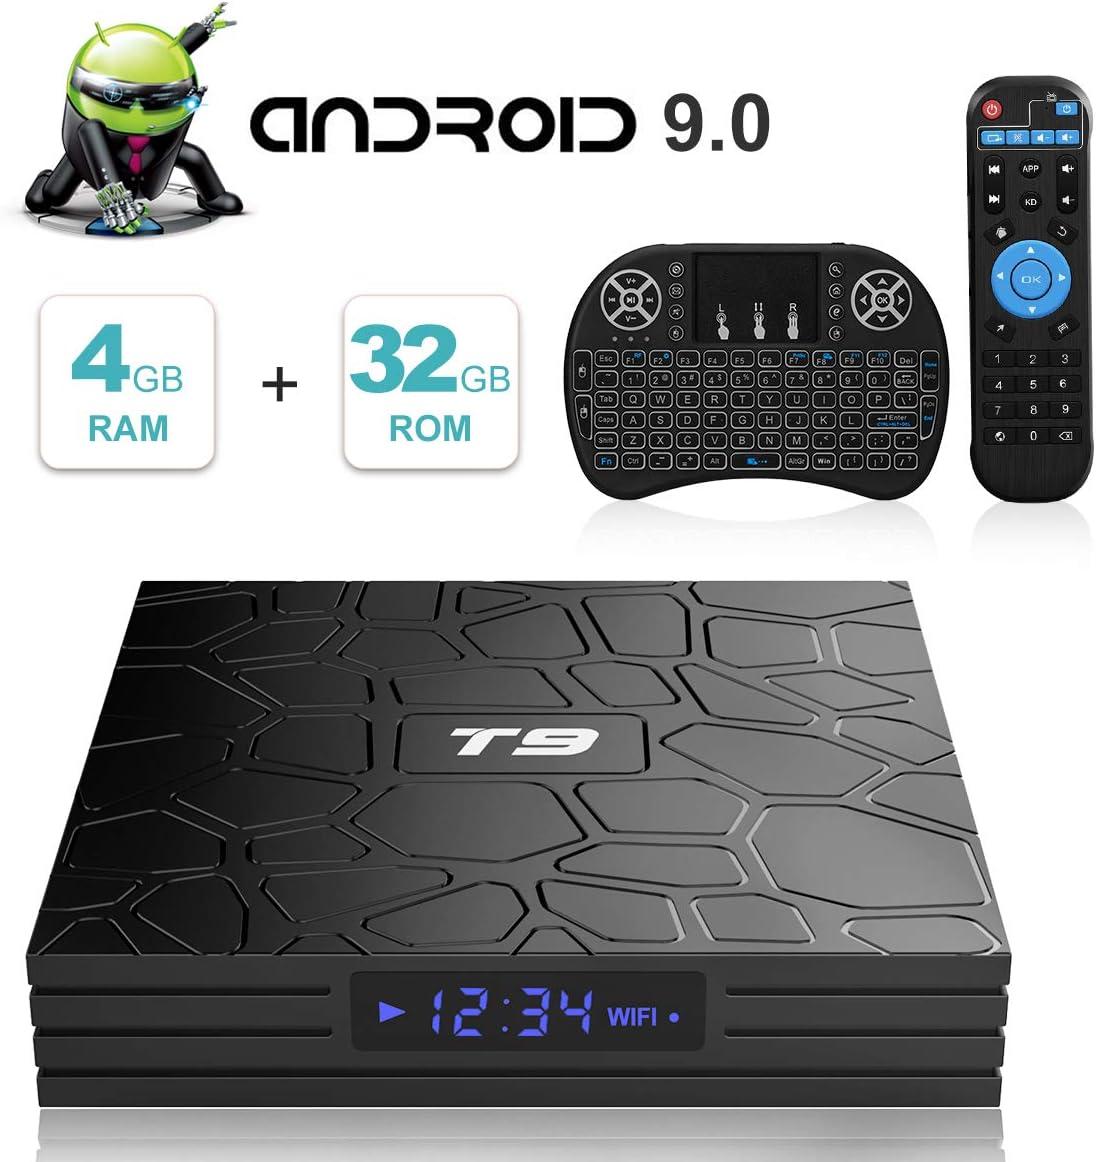 Android TV Box, T9 Android 9.0 TV Box con Mini Teclado inalámbrico 4GB RAM 32GB ROM RK3318 Bluetooth 4.0 Procesador Quad-Core Cortex-A53 2.4/5.0GHz WiFi Compatible con 4k2k Ultra H.265 Smart TV Box